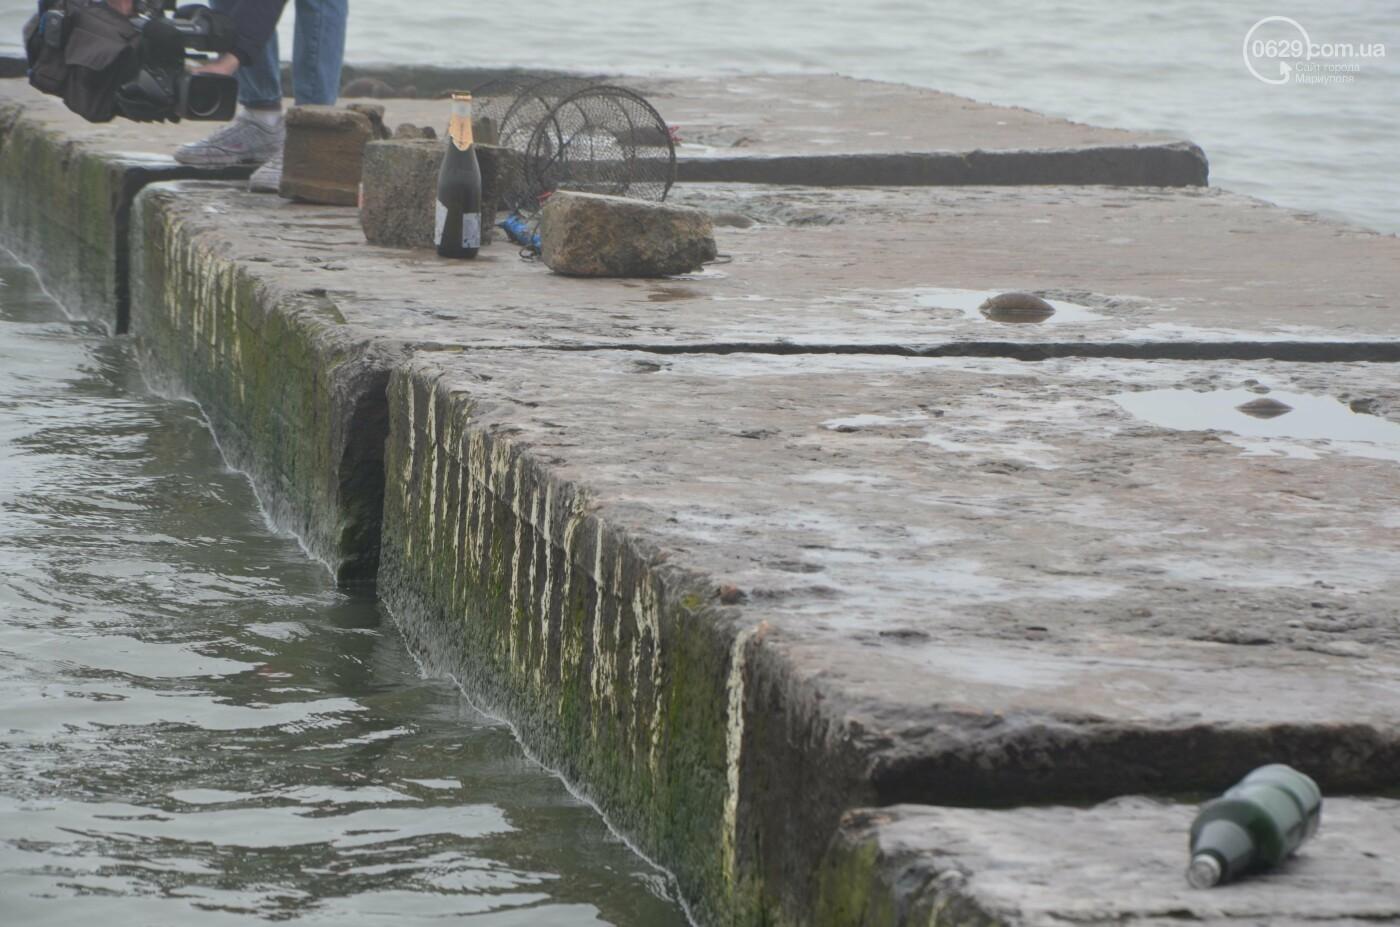 Бутылки, банки и обрывки сетей. Что находят на дне Азовского моря, - ФОТОРЕПОРТАЖ, фото-1